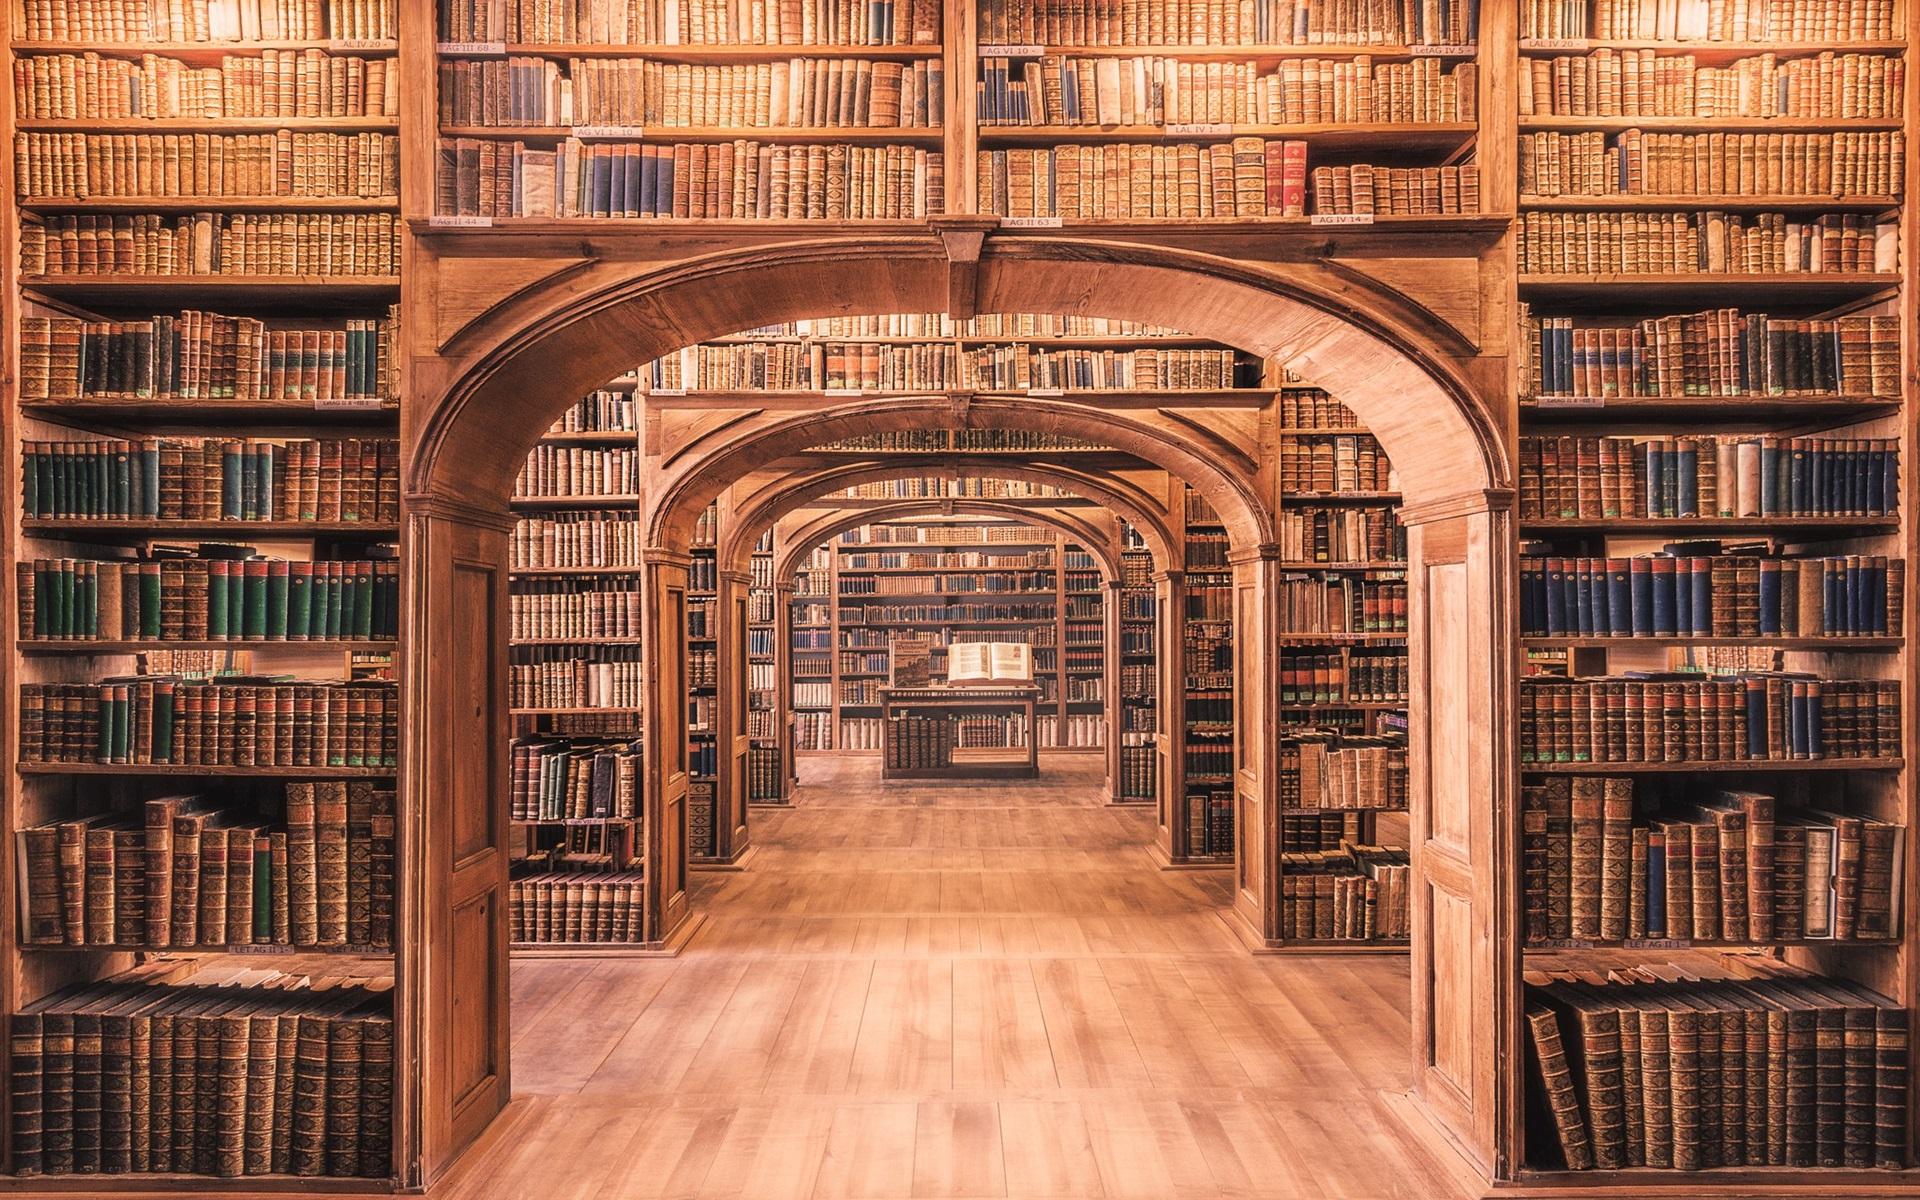 壁紙 多くの本を図書館 19x10 Hd 無料のデスクトップの背景 画像